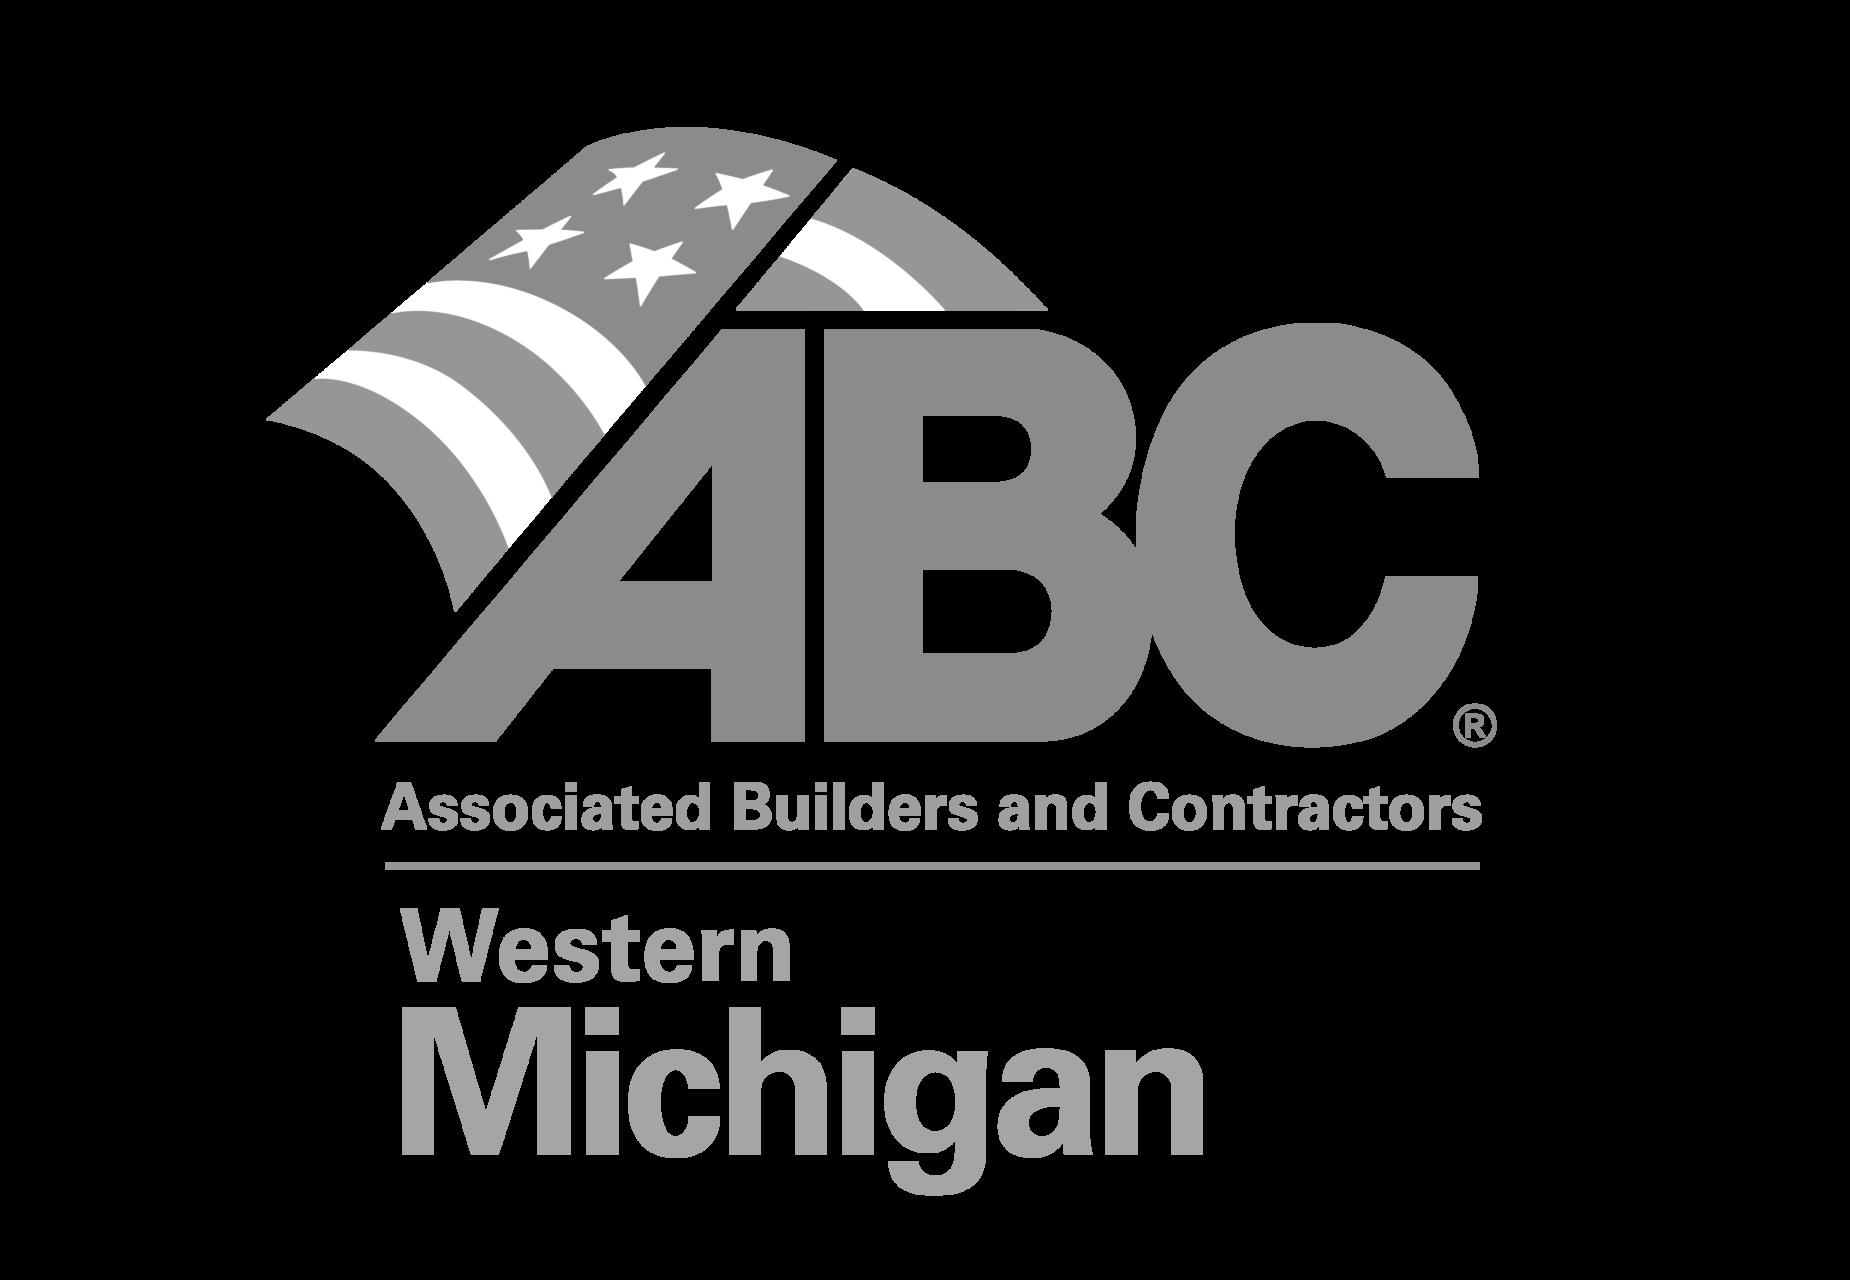 Western-Michigan-logo-bw